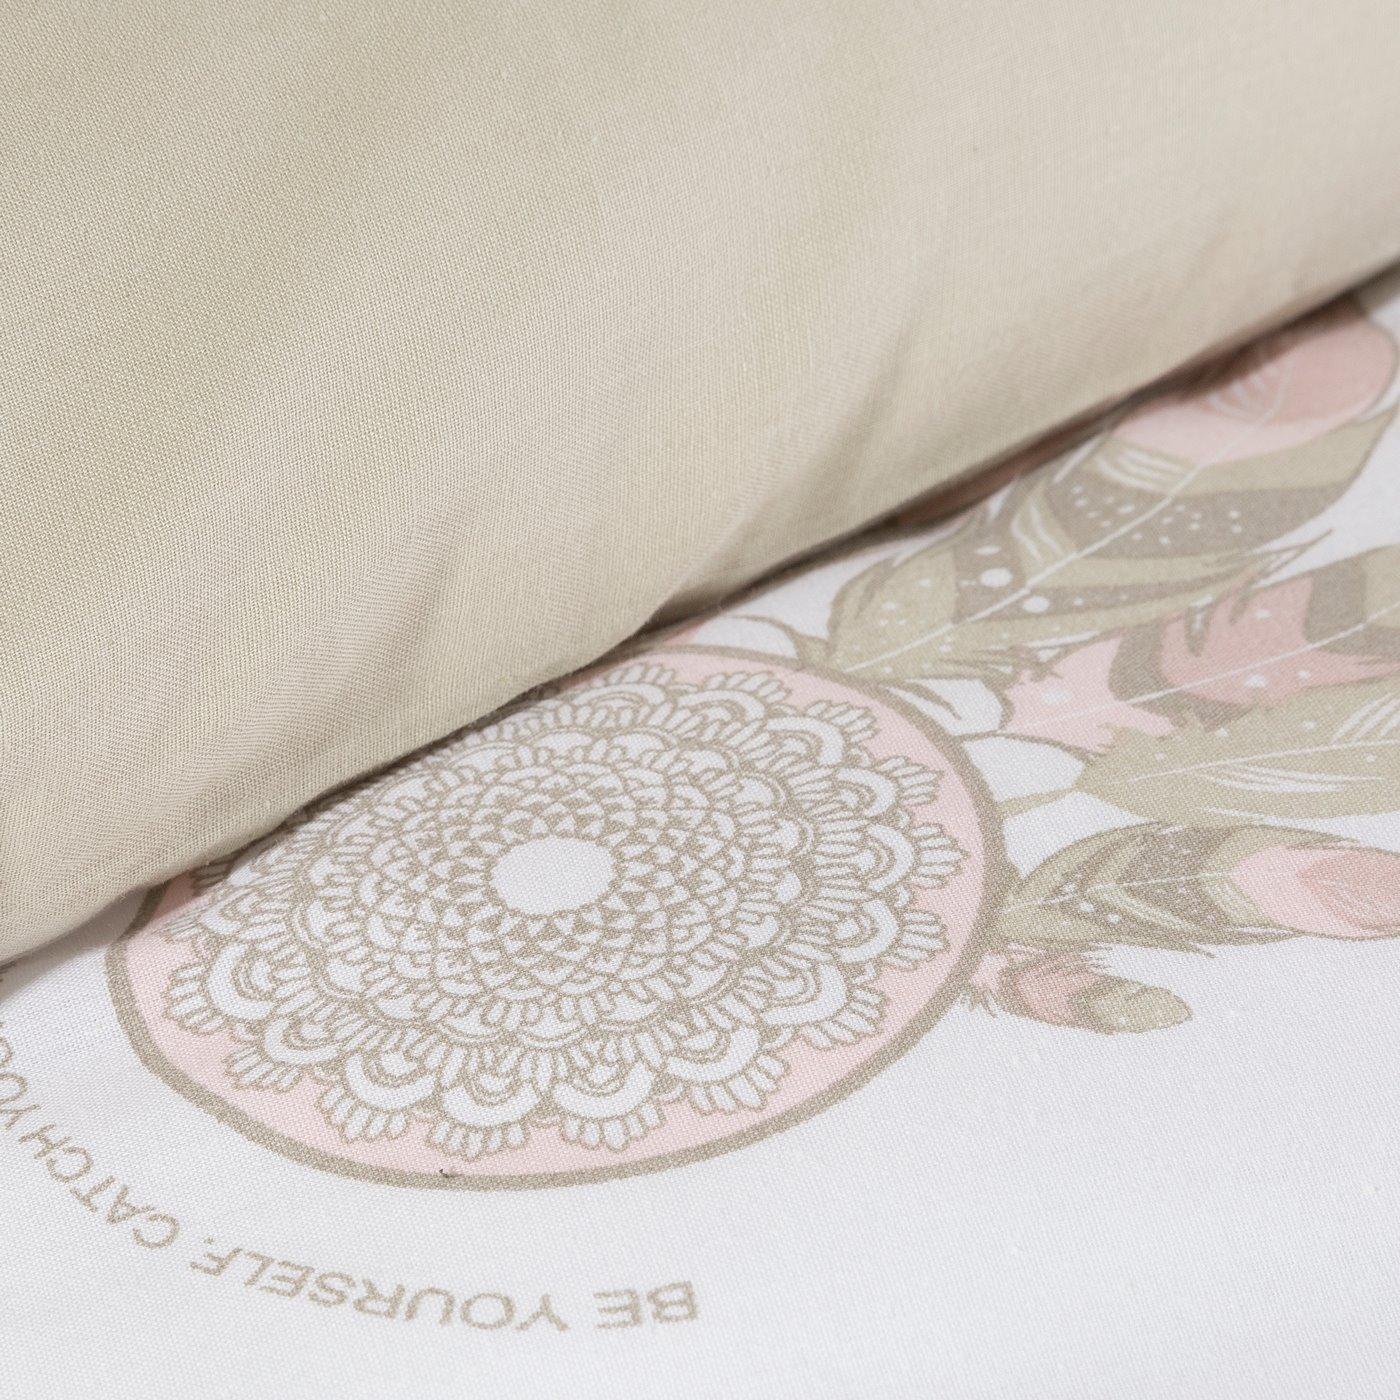 Komplet pościeli z satyny bawełnianej 220x200 cm, 2 szt. 70x80 cm nadruk łapacz snów